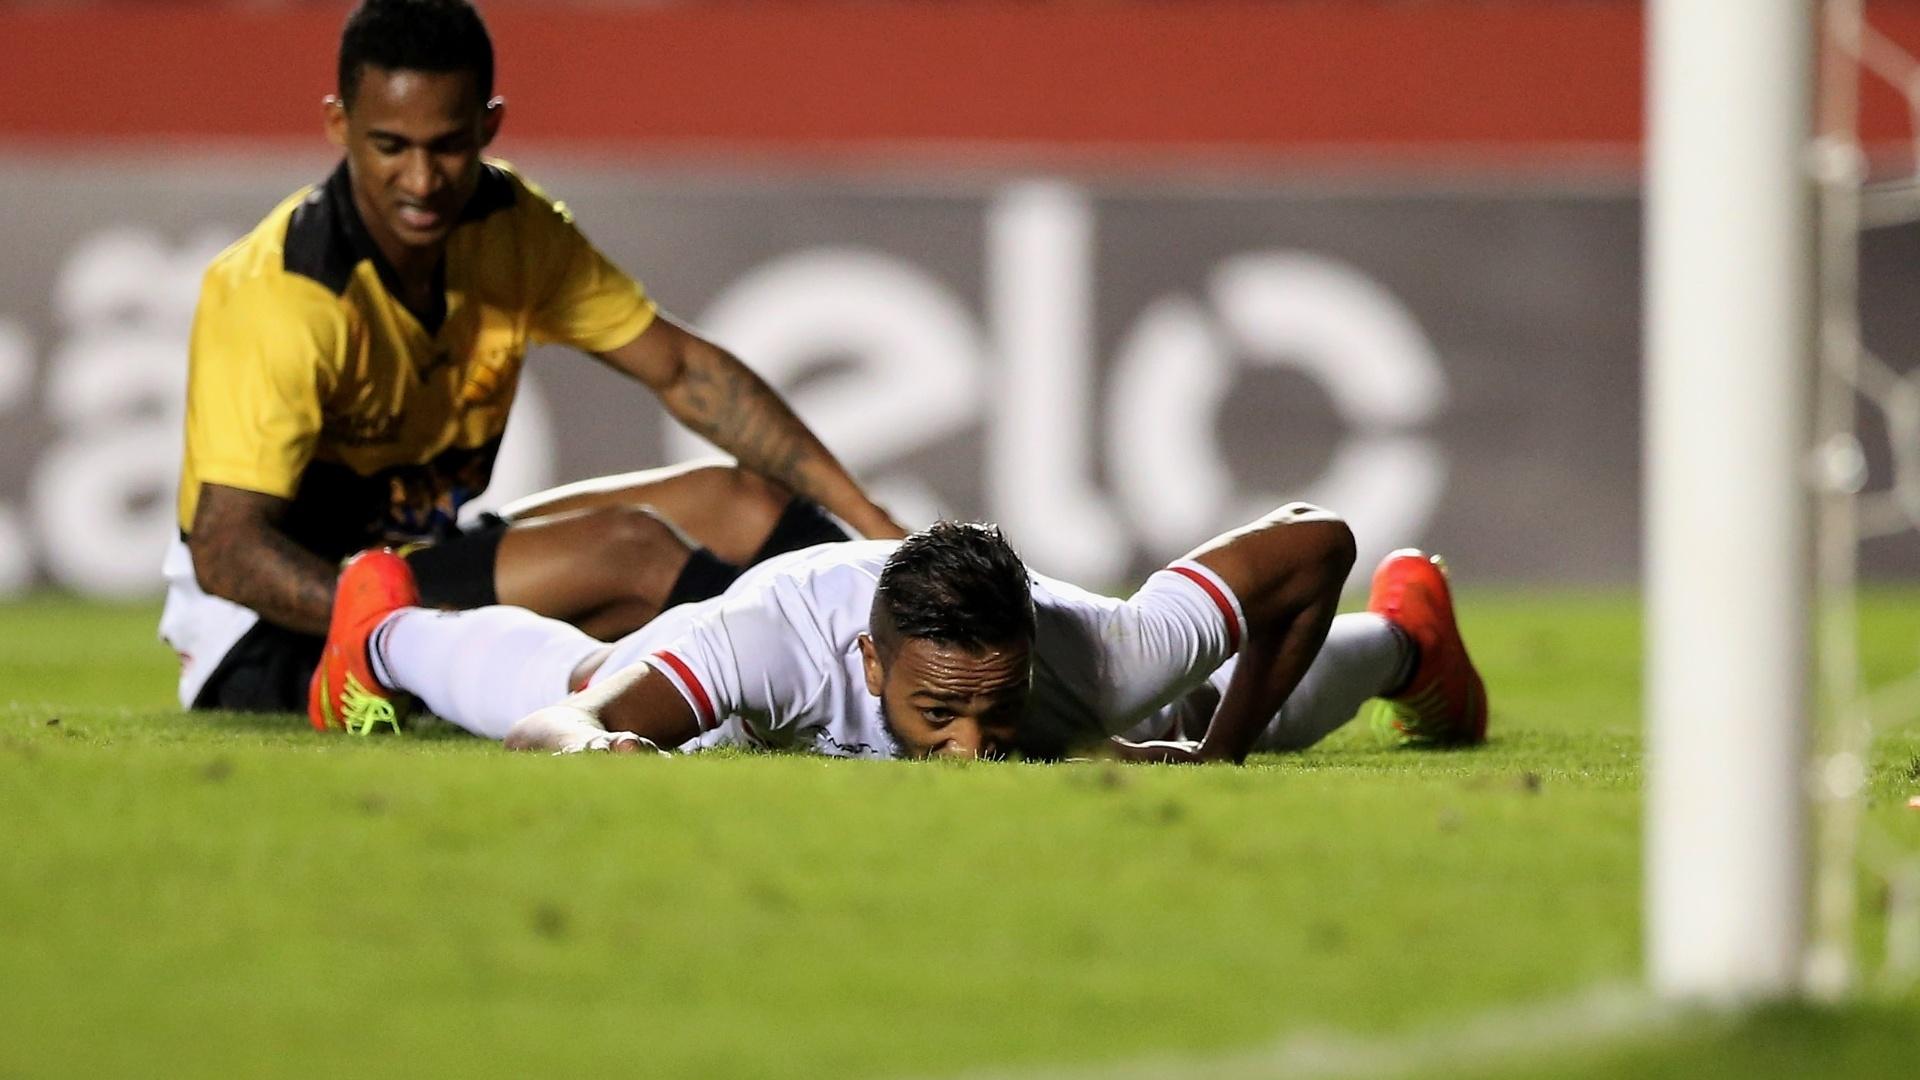 Alvaro Pereira fica caído no gramado após choque com jogador do Criciúma em jogo do São Paulo